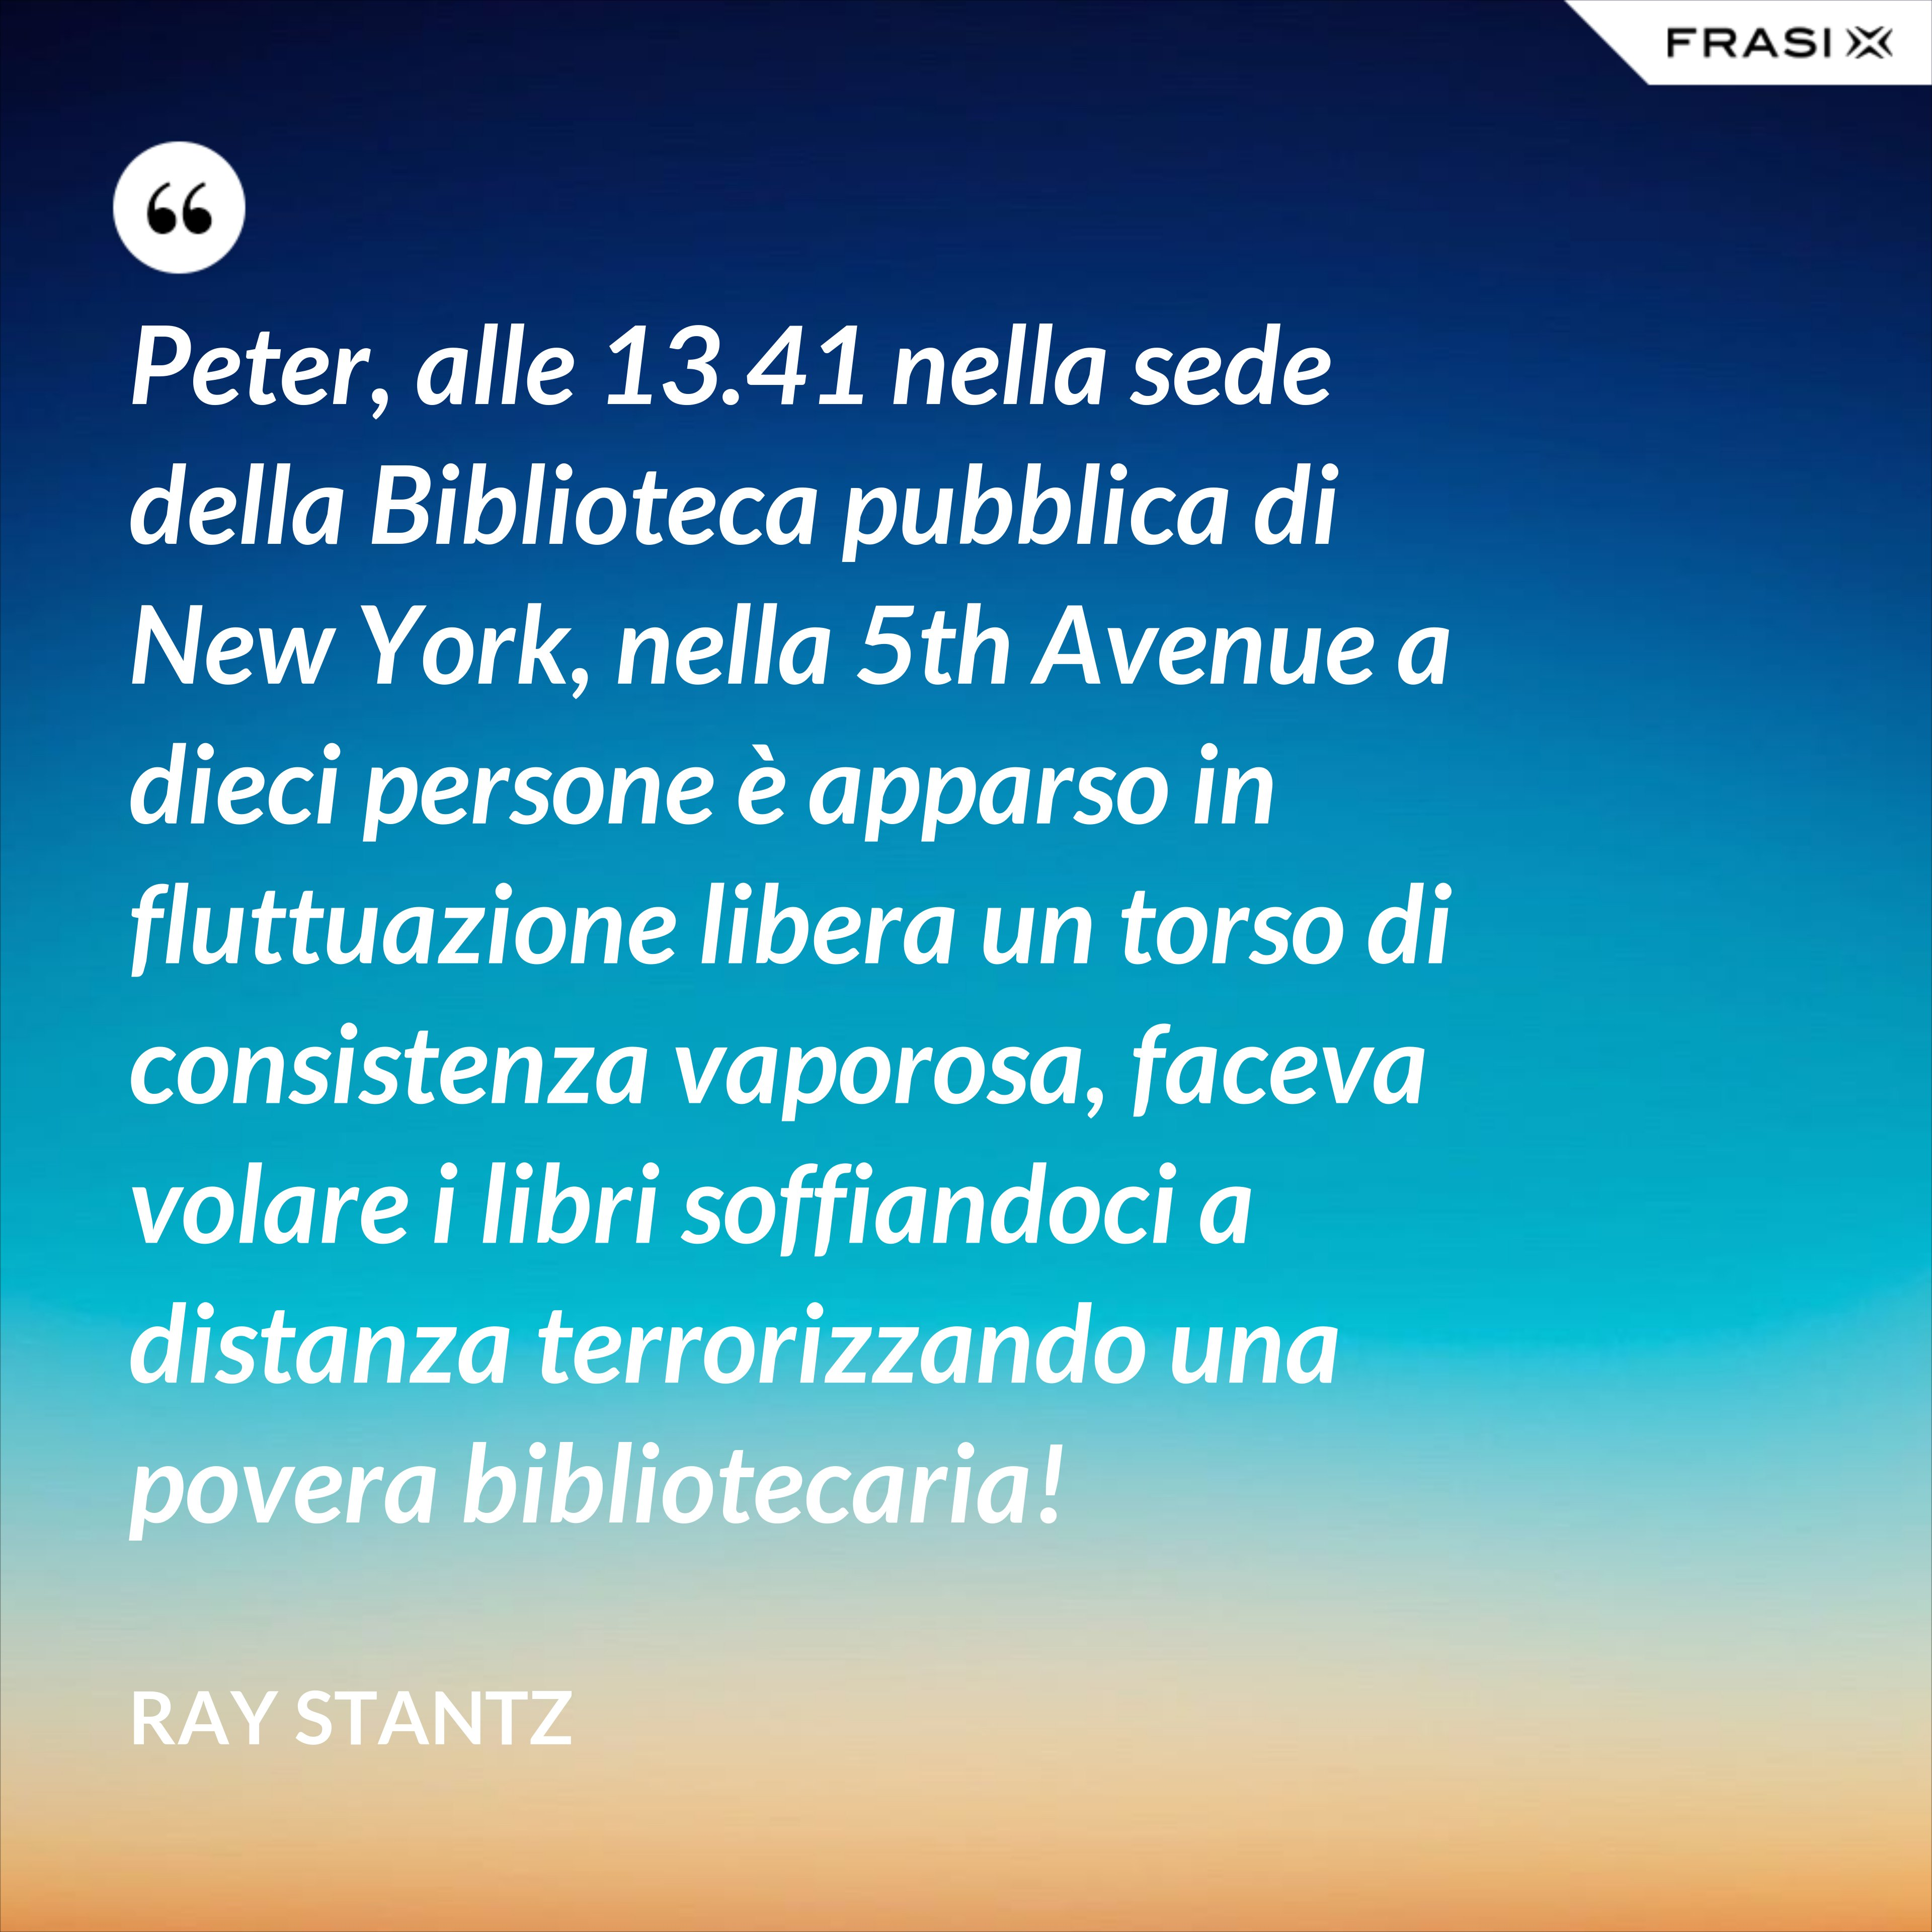 Peter, alle 13.41 nella sede della Biblioteca pubblica di New York, nella 5th Avenue a dieci persone è apparso in fluttuazione libera un torso di consistenza vaporosa, faceva volare i libri soffiandoci a distanza terrorizzando una povera bibliotecaria! - Ray Stantz